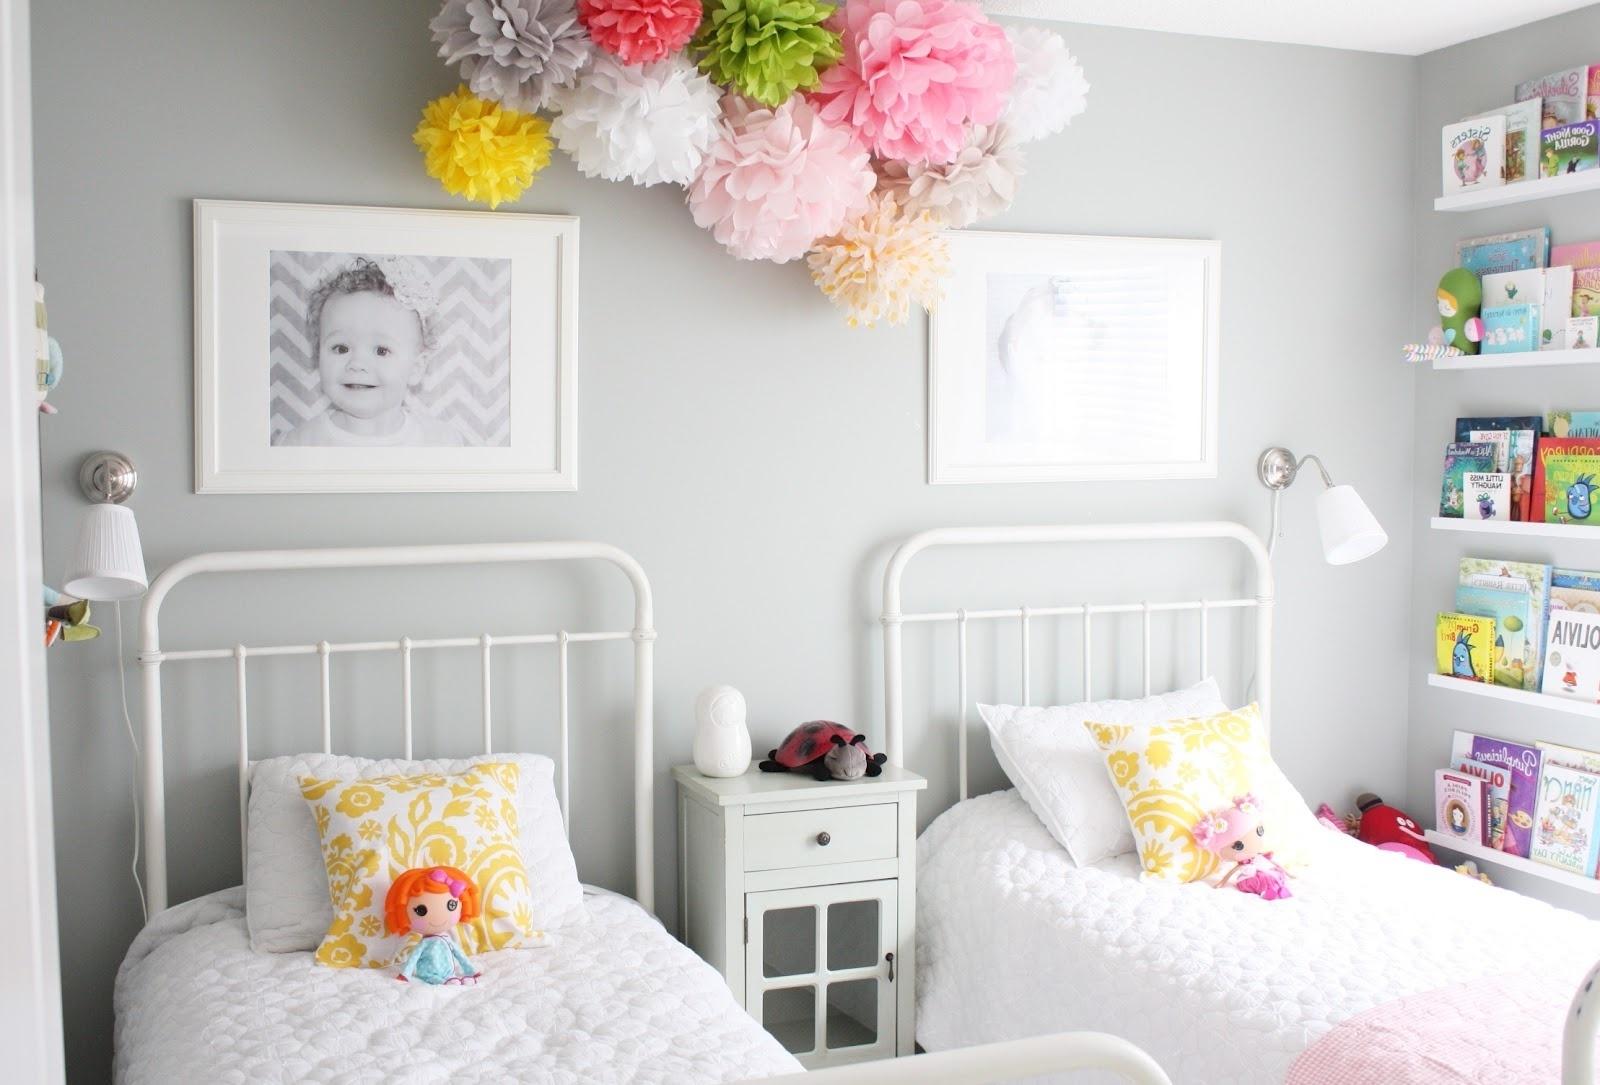 Как украсить стену в детской комнате своими руками фото